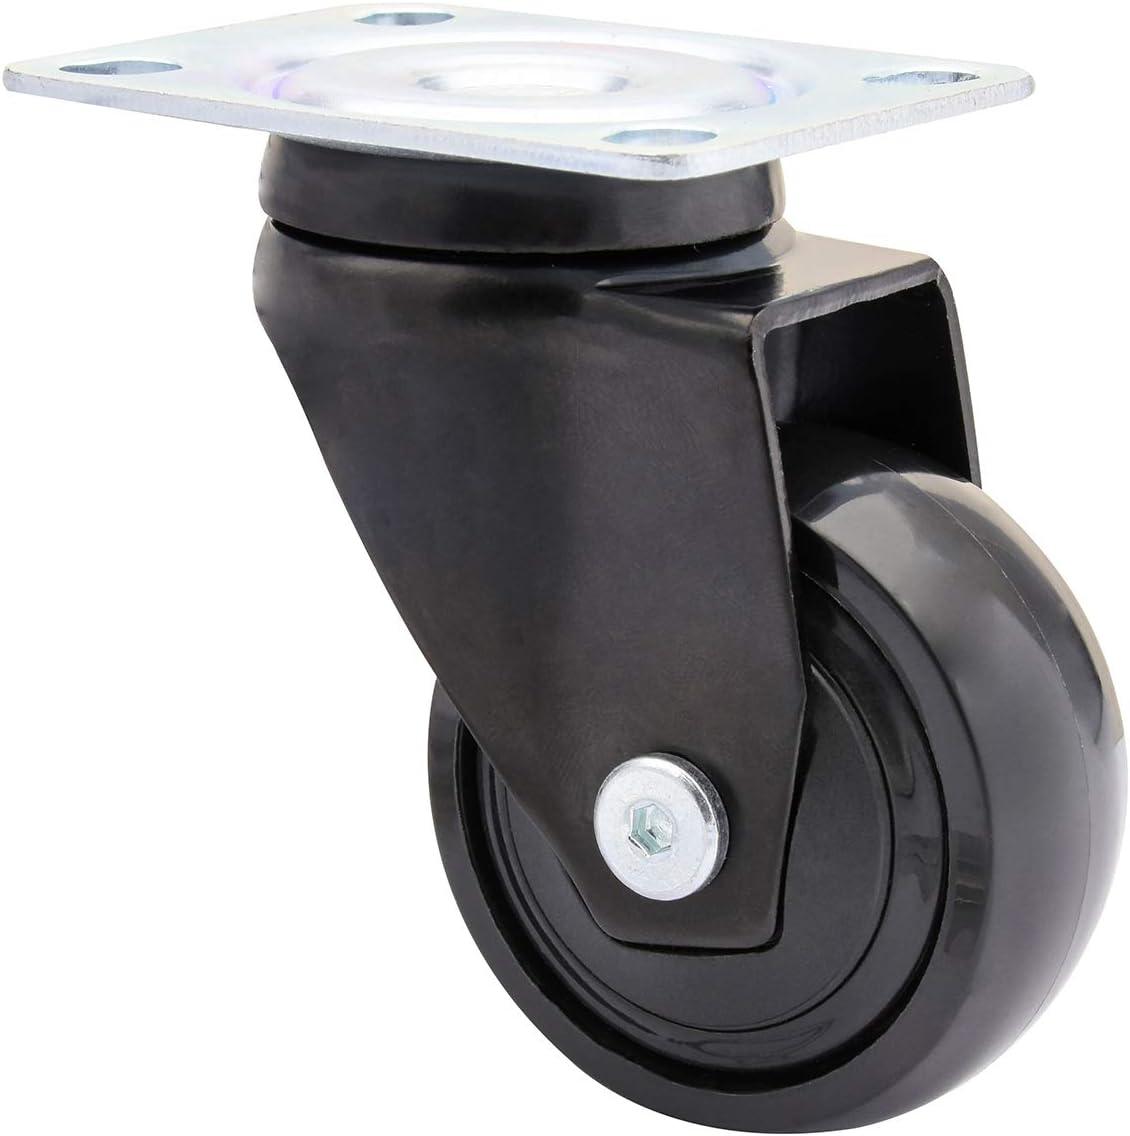 WAGNER Design 01225201 Roulette /à billes 3C Noir Diam/ètre 50 mm Charge maximale 50 kg